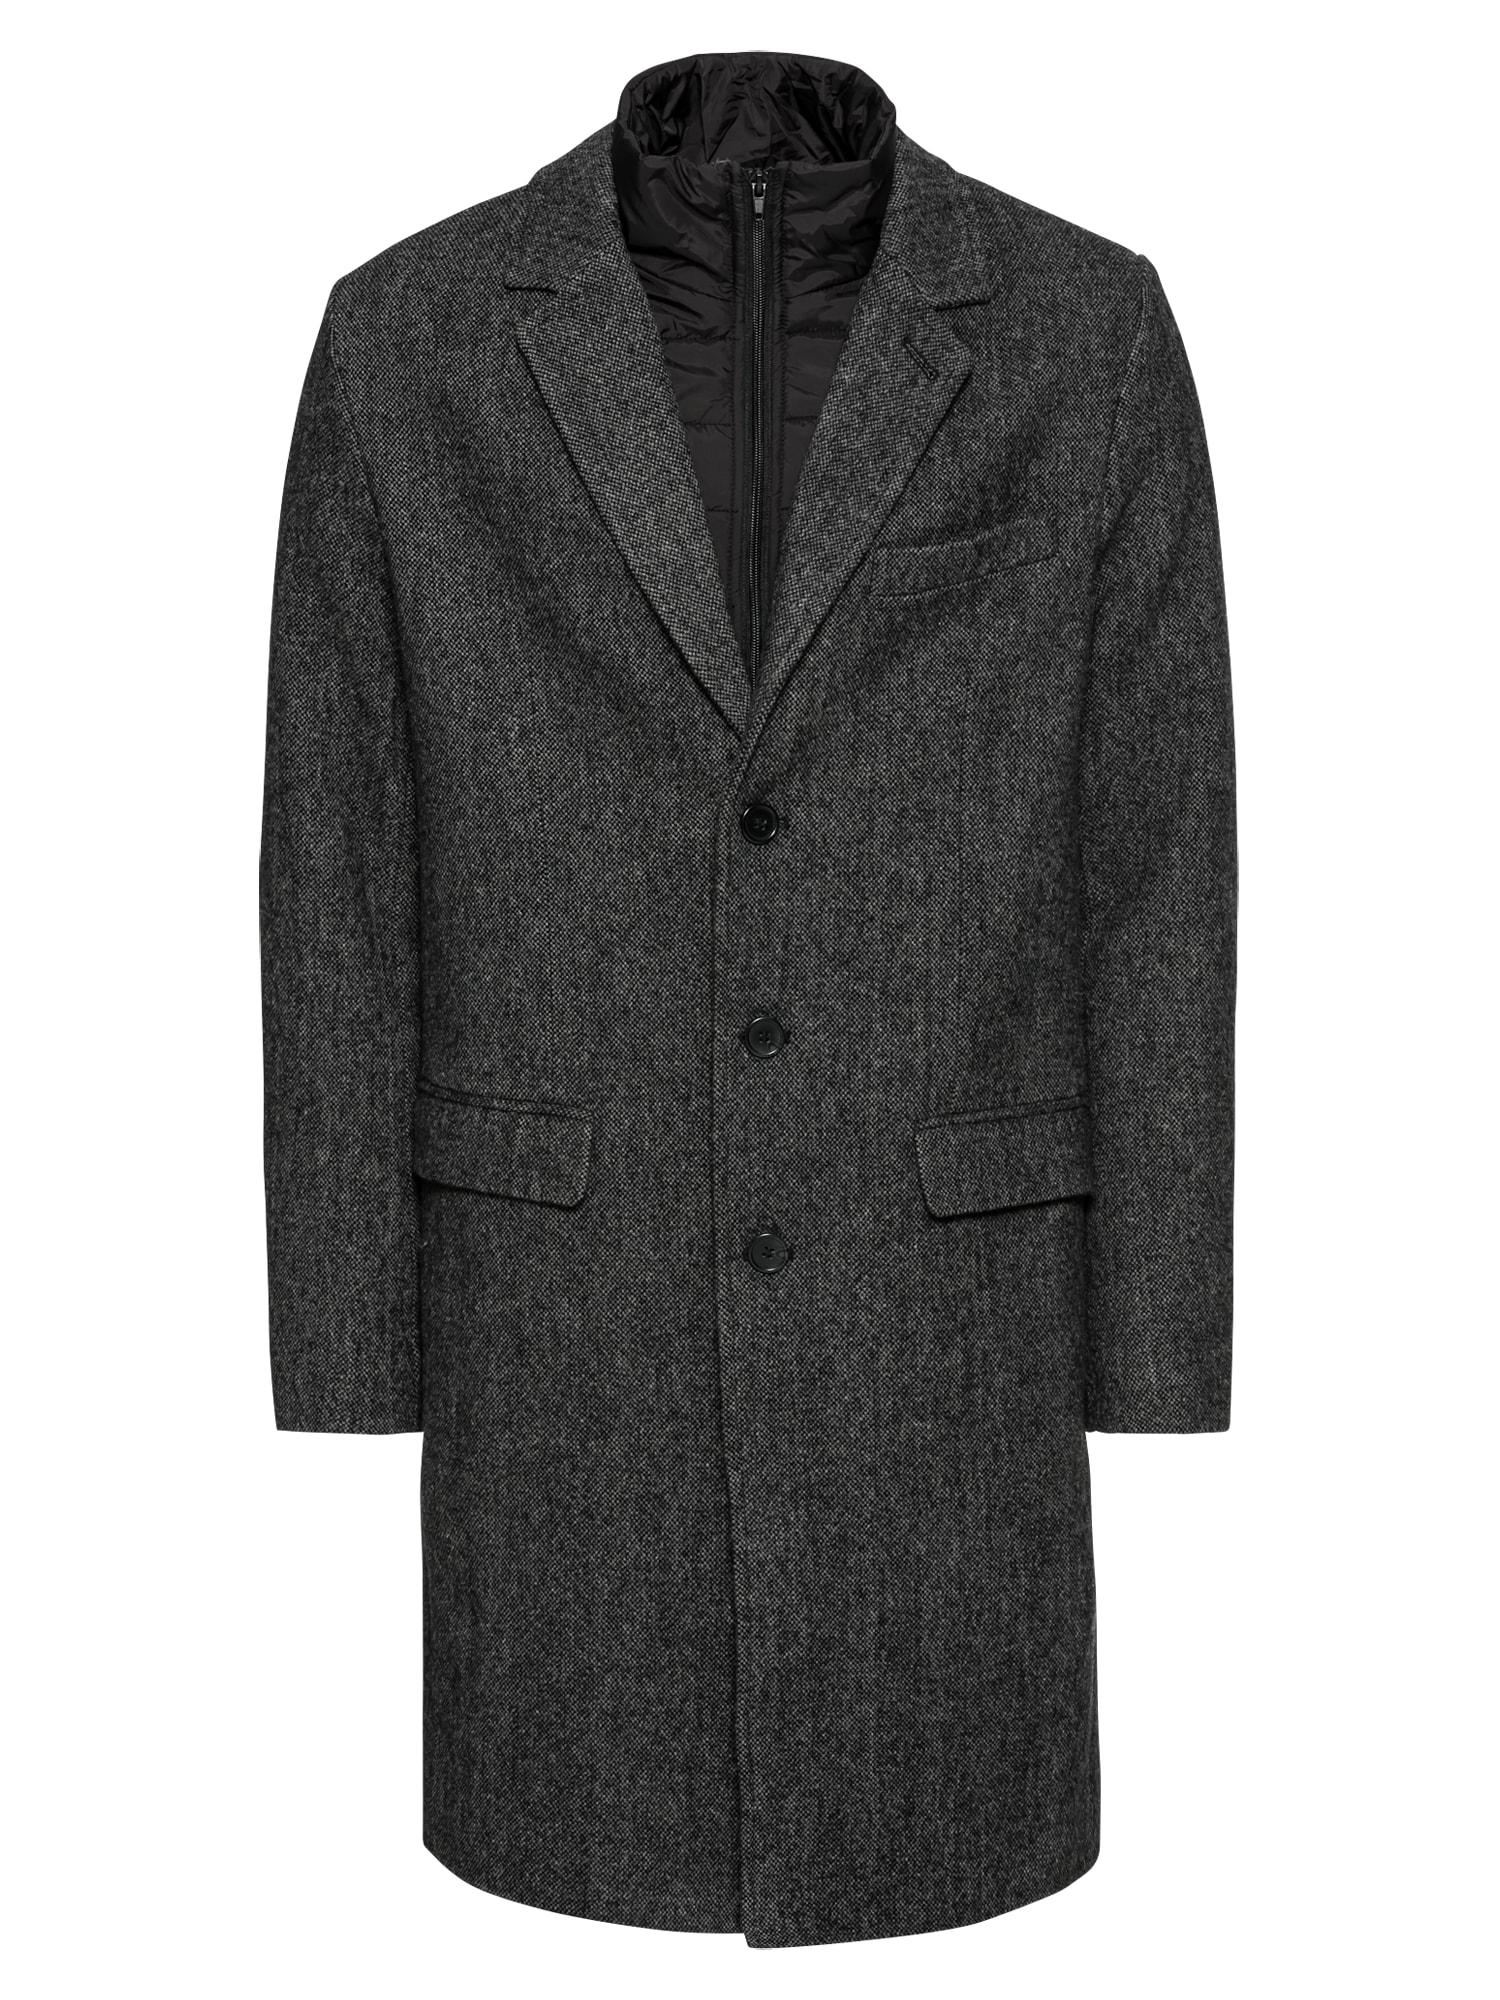 Přechodný kabát Repeat Winter Coat šedá Pier One